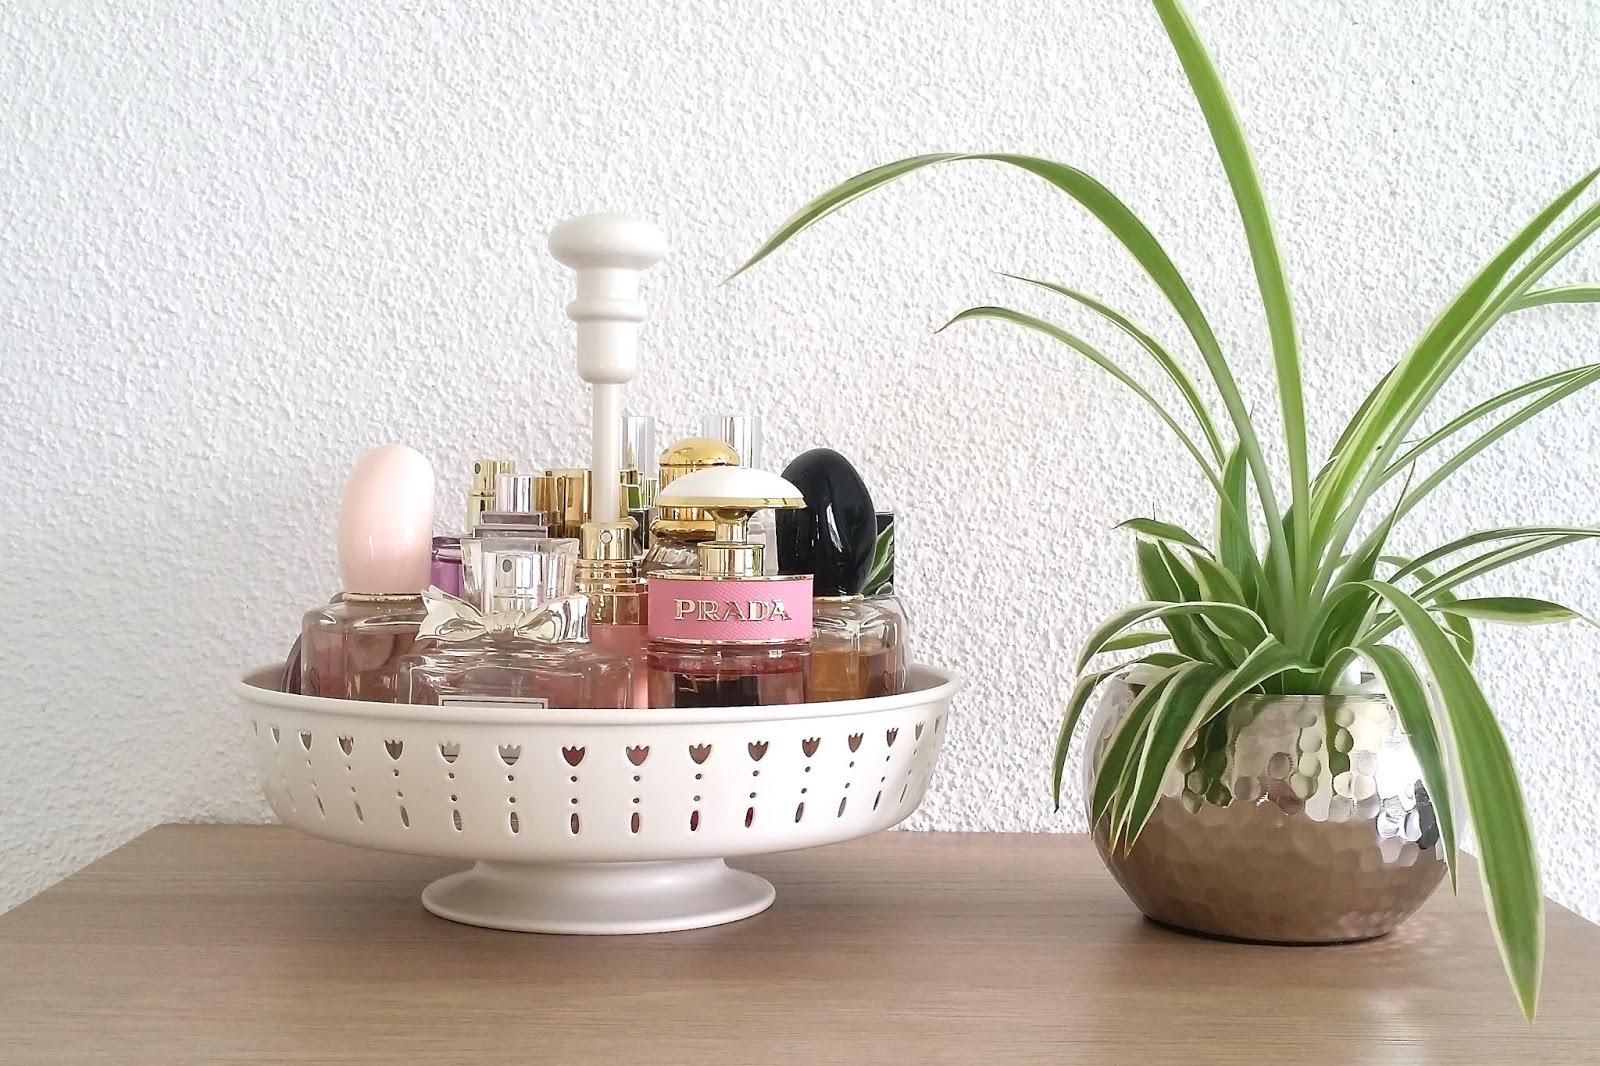 der richtige umgang mit parfum. Black Bedroom Furniture Sets. Home Design Ideas